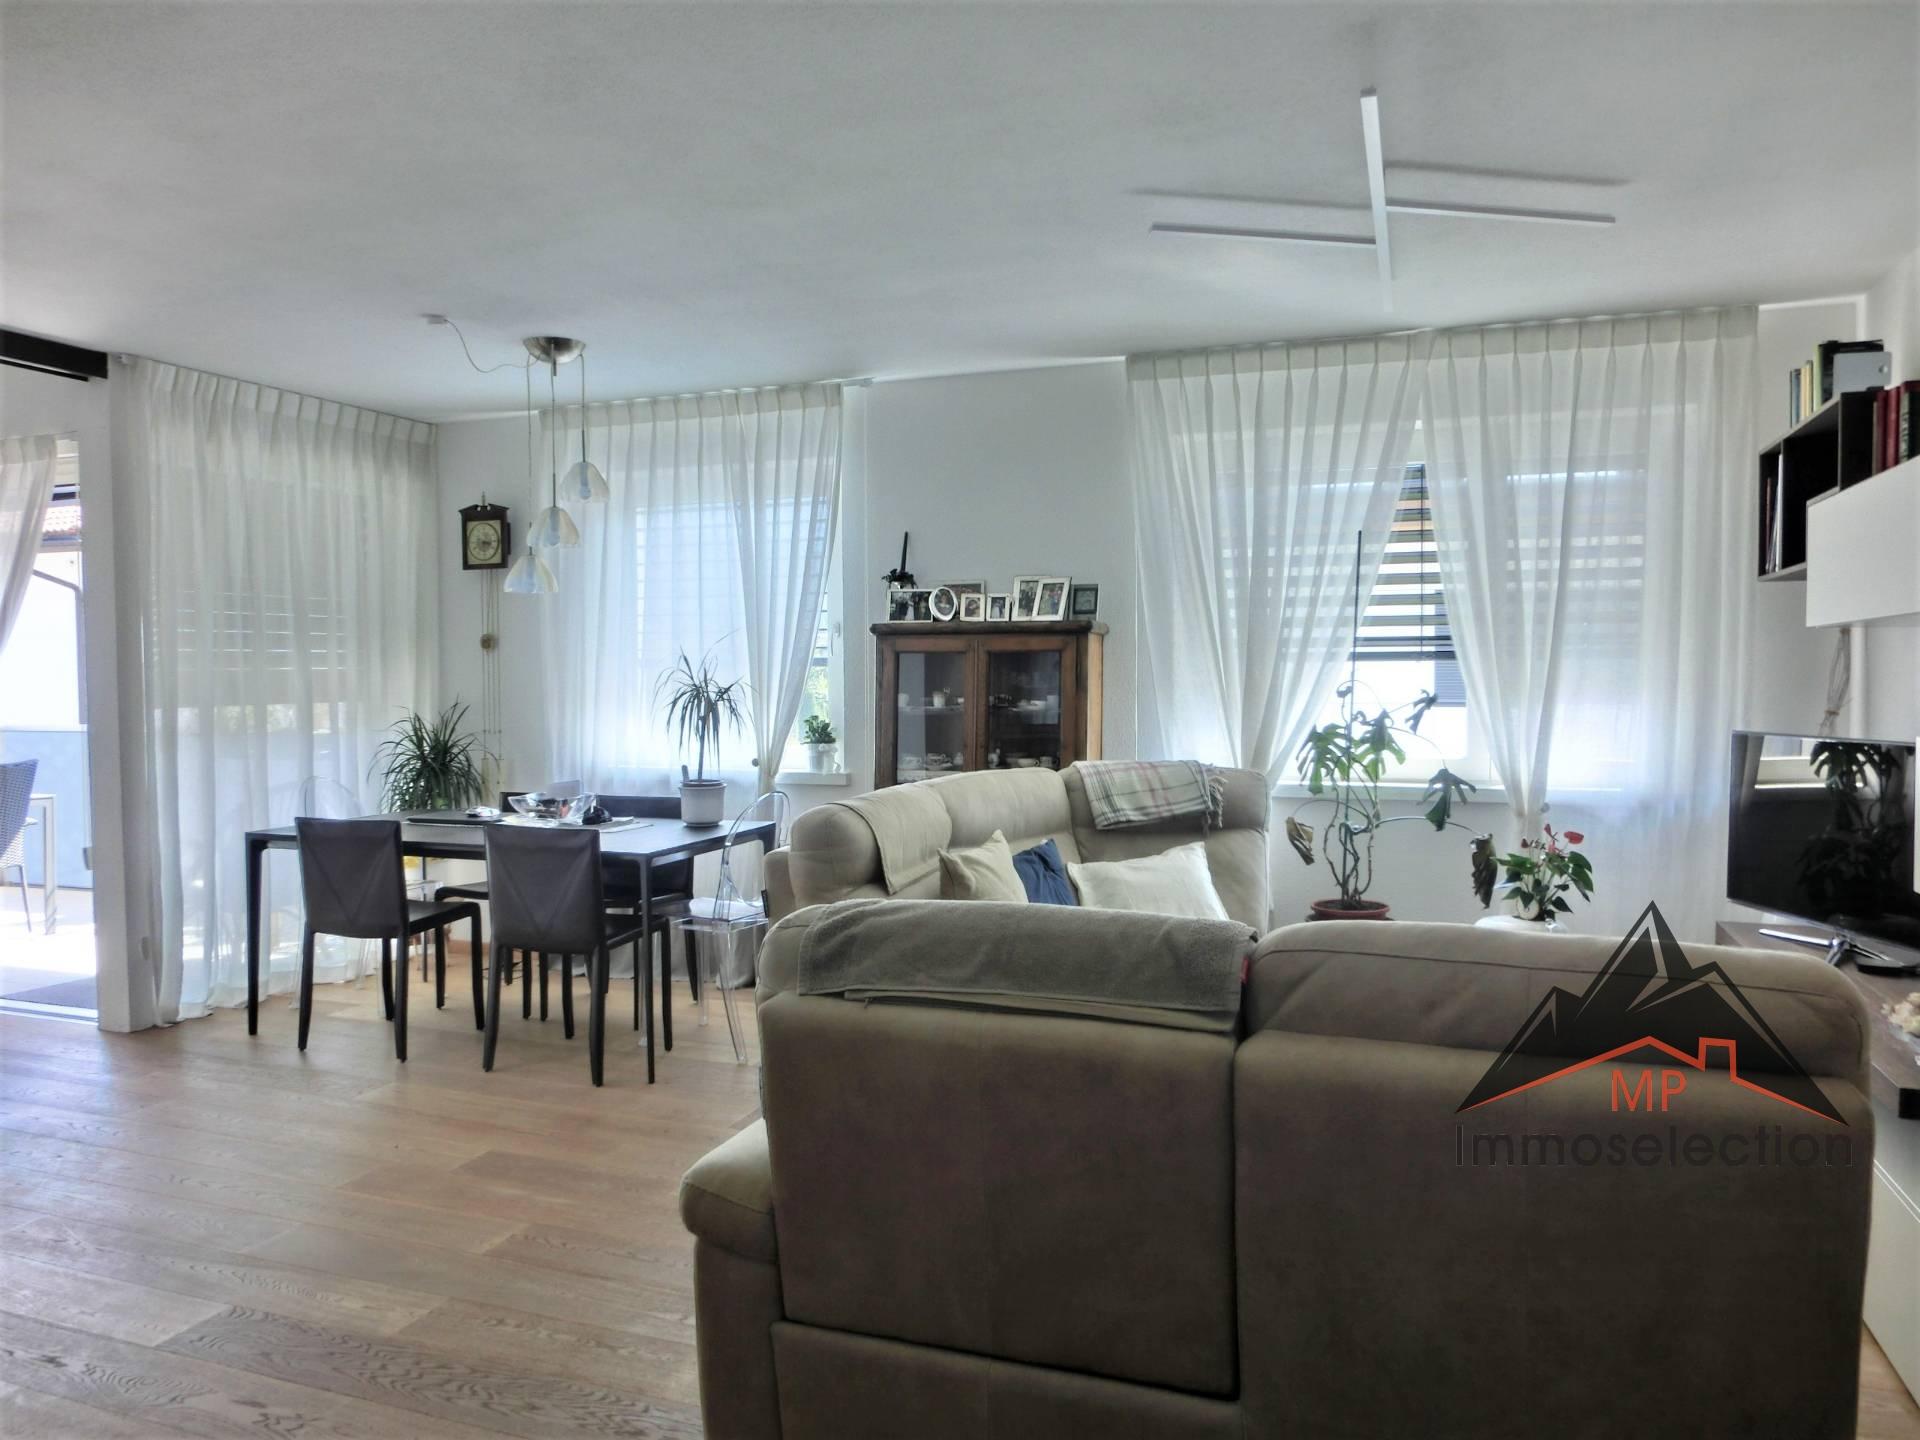 wohnung zu verkaufen in brunico bruneck kodex bk1008 4. Black Bedroom Furniture Sets. Home Design Ideas